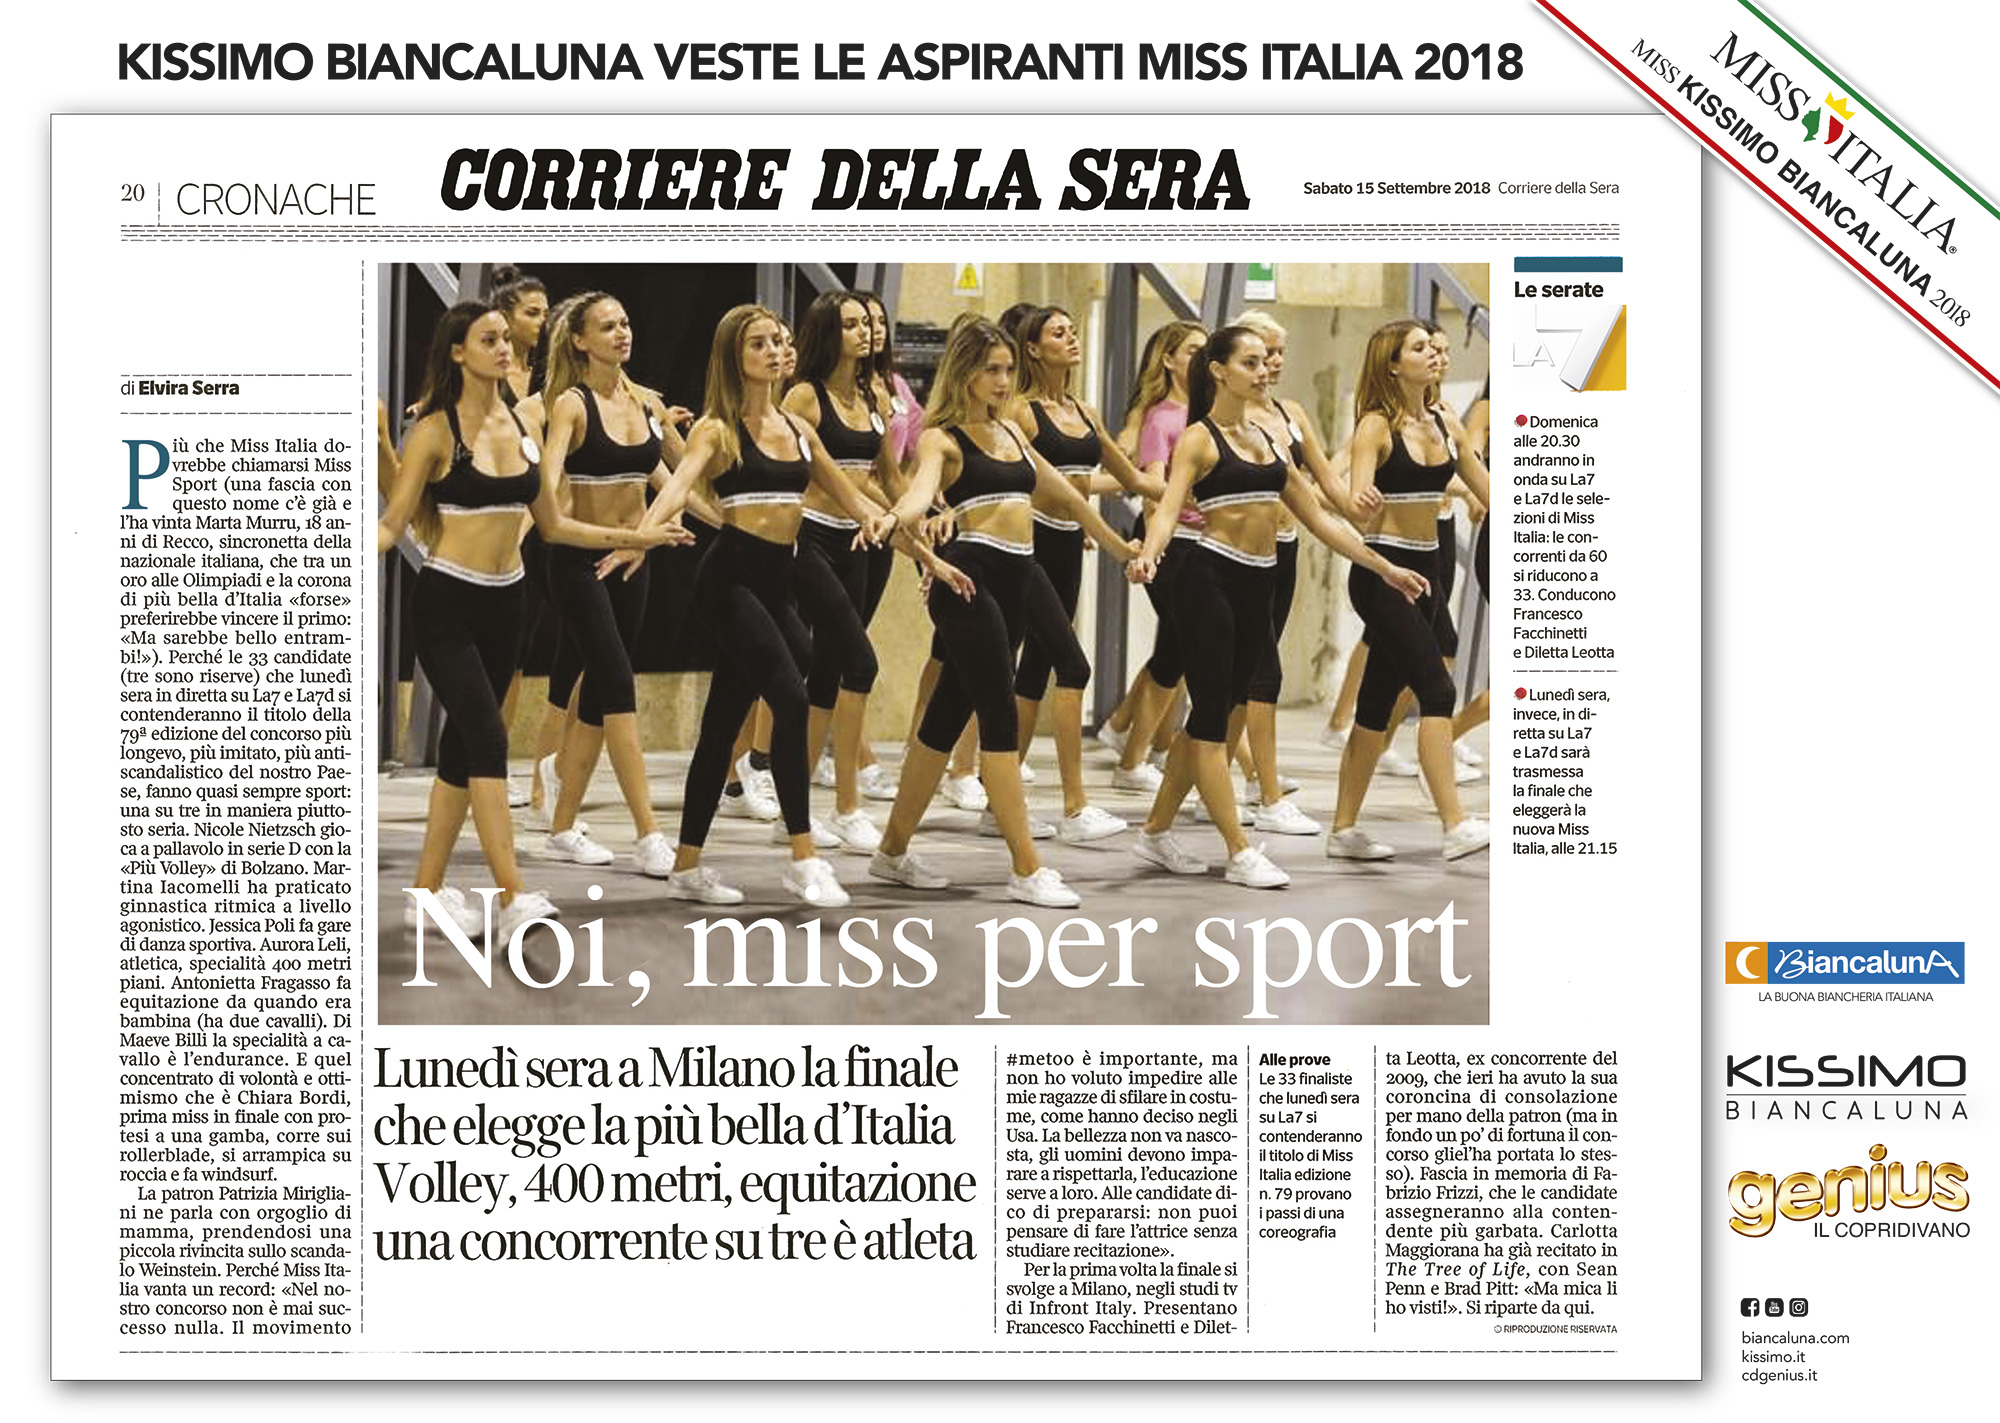 kissimo-biancaluna-miss-italia-2018-corriere-della-sera-15-settembre-2018